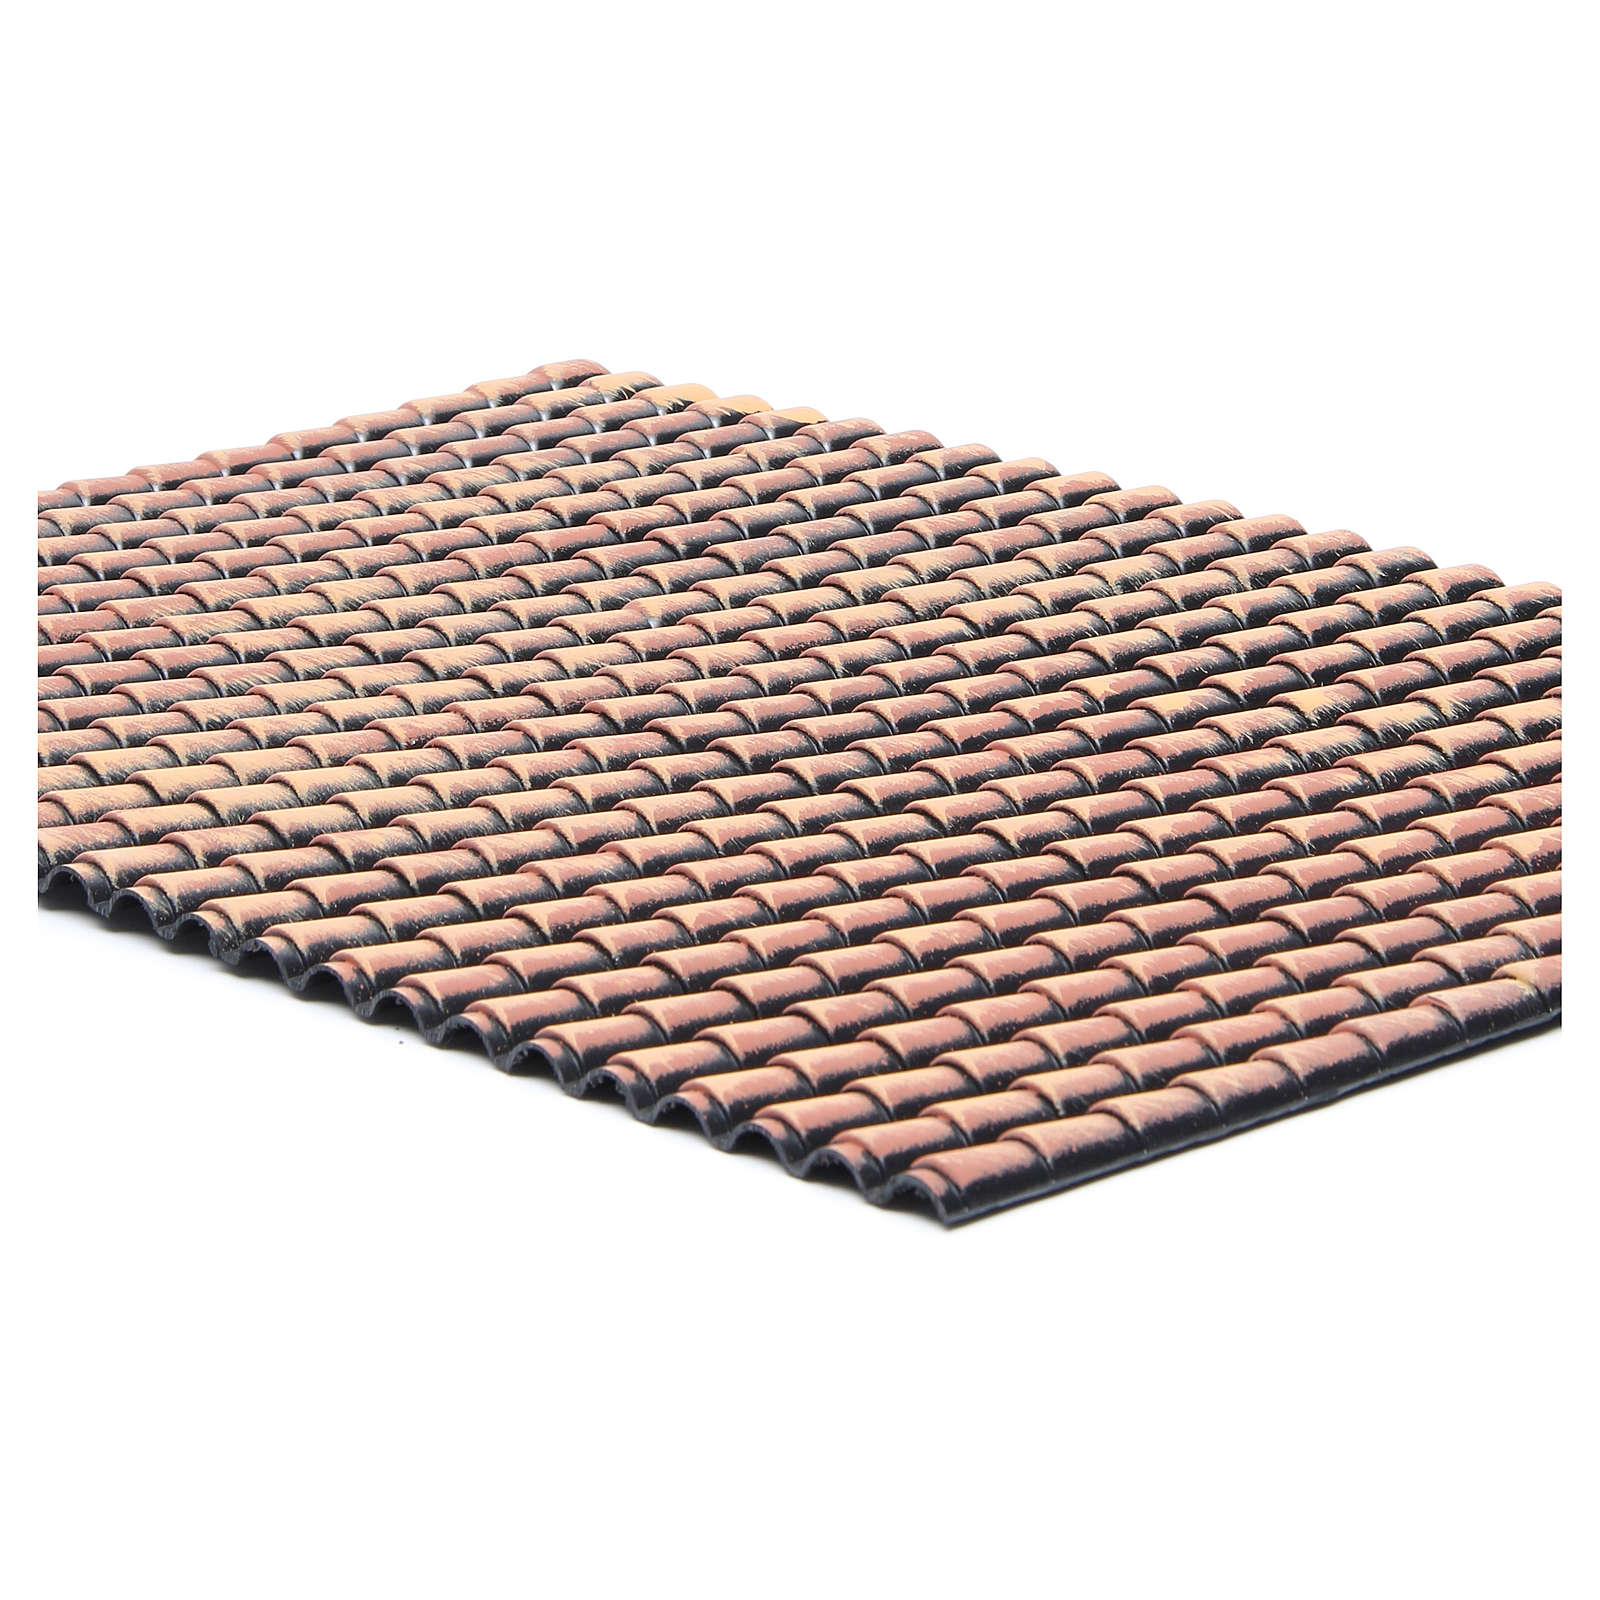 Toit crèche plastique panneau tuiles rouges nuancées 50x35 cm 4